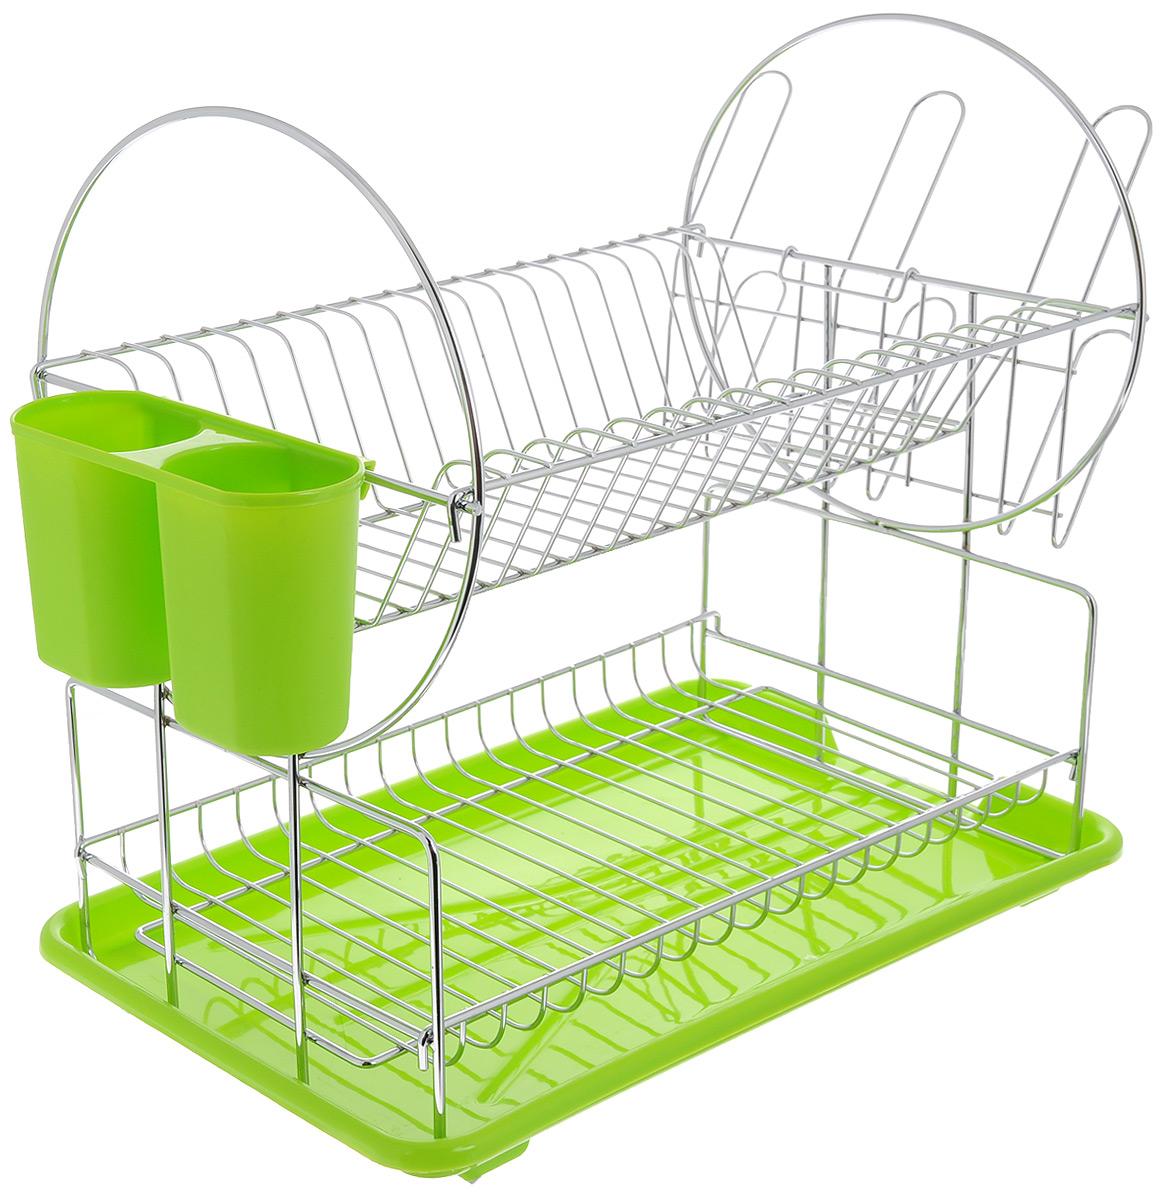 Сушилка для посуды Mayer & Boch, цвет: зеленый, серебристый, 42 х 22 х 35 см23217Сушилка для посуды Mayer & Boch изготовлена из высококачественных гигиеничных материалов. Корпус выполнен из хромированного металла, поддон и подставка для столовых приборов - из полипропилена. Сушилка двухъярусная, что позволяет хранить больше посуды. Внизу можно поместить кружки и пиалы, а вверху - тарелки и столовые приборы. Сбоку предусмотрены специальные держатели для стаканов. Прямоугольный поддон для воды поможет вам сохранить кухню в чистоте. Элегантный дизайн позволит сушилке Mayer & Boch стать прекрасным дополнением интерьера кухни.